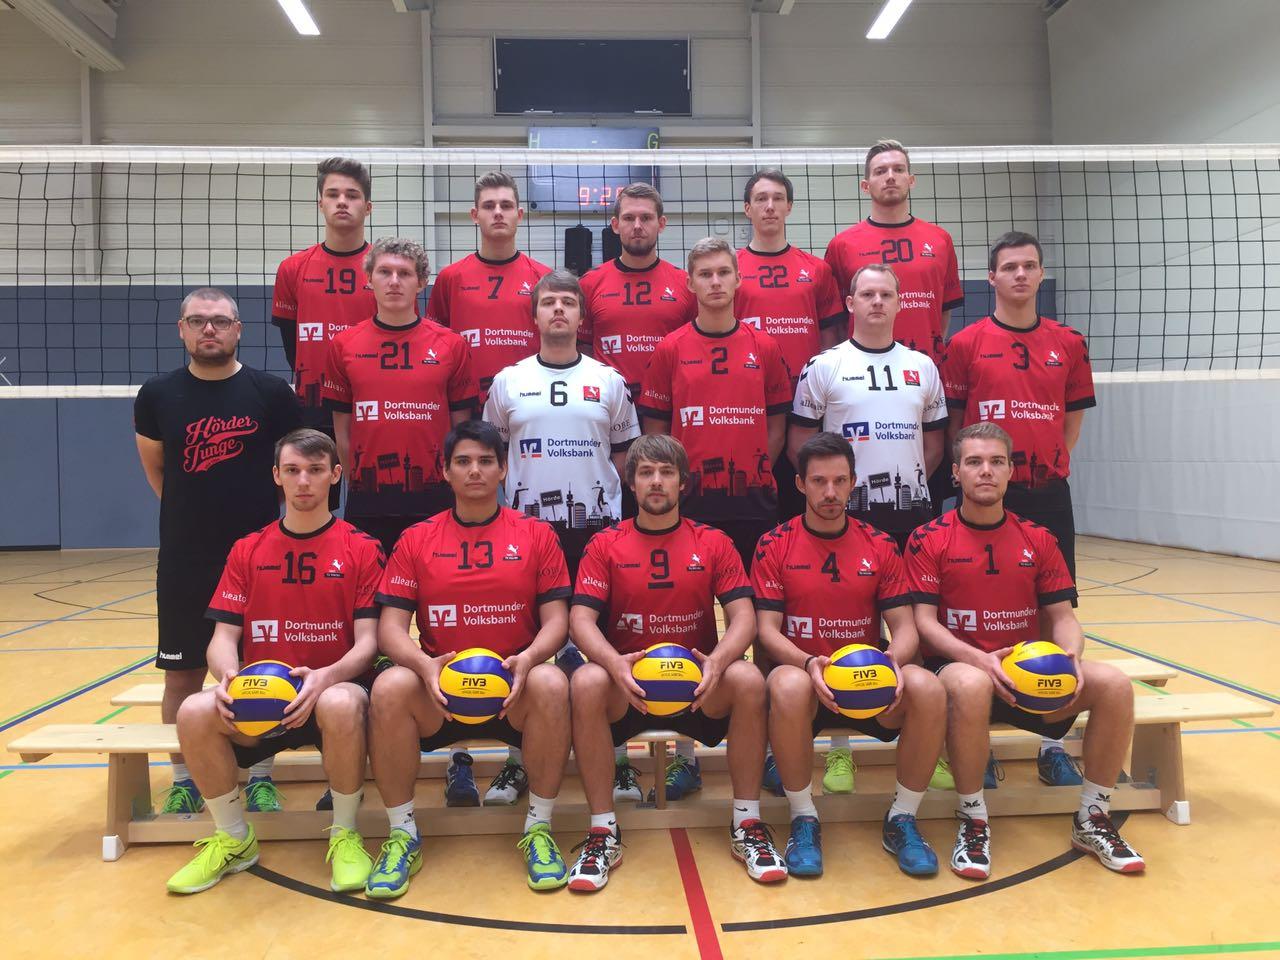 M2 verliert gegen PTSV Aachen 2